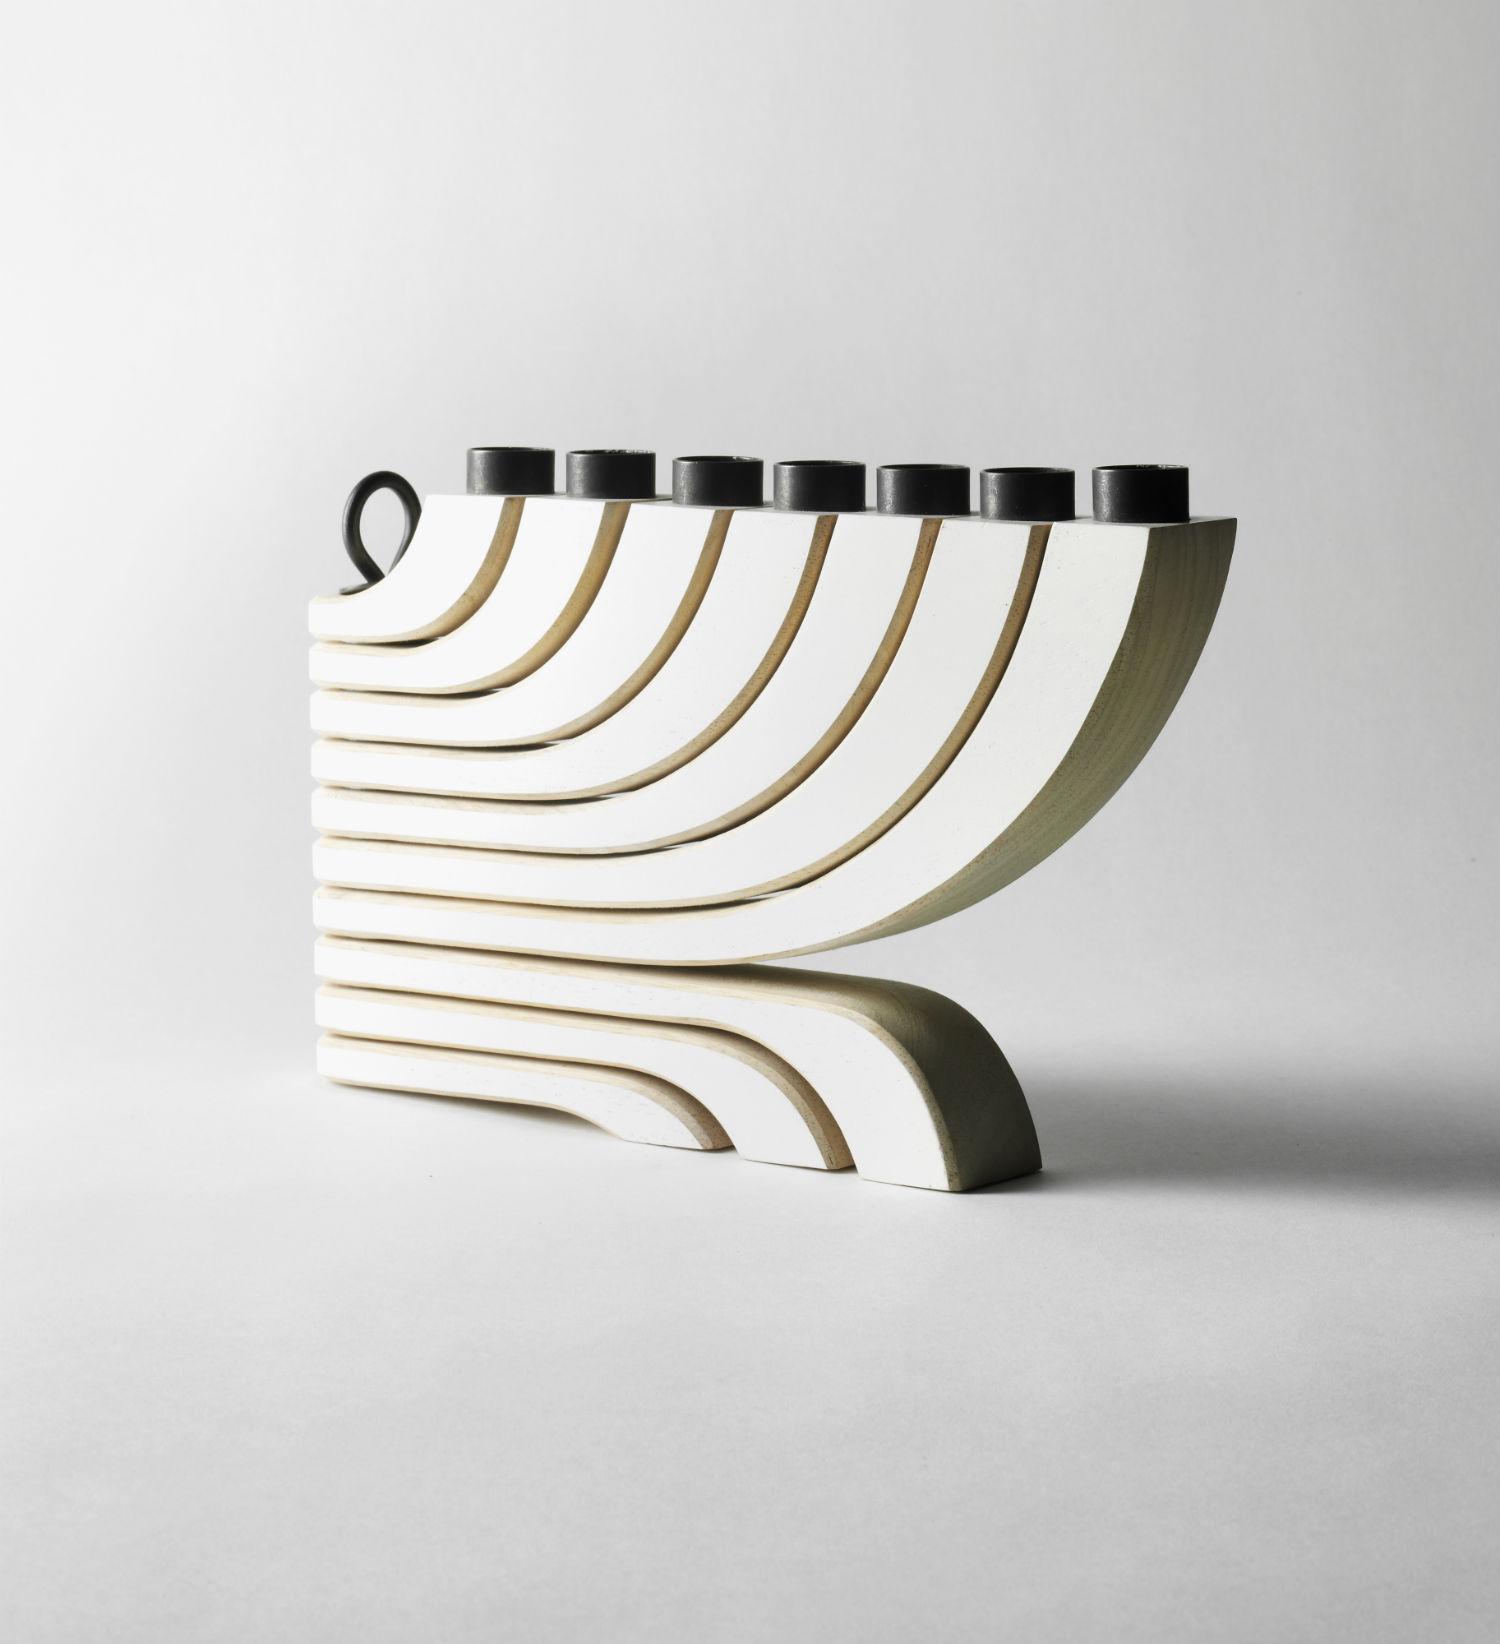 Chandelier-bougeoir-design-nordic-light-010